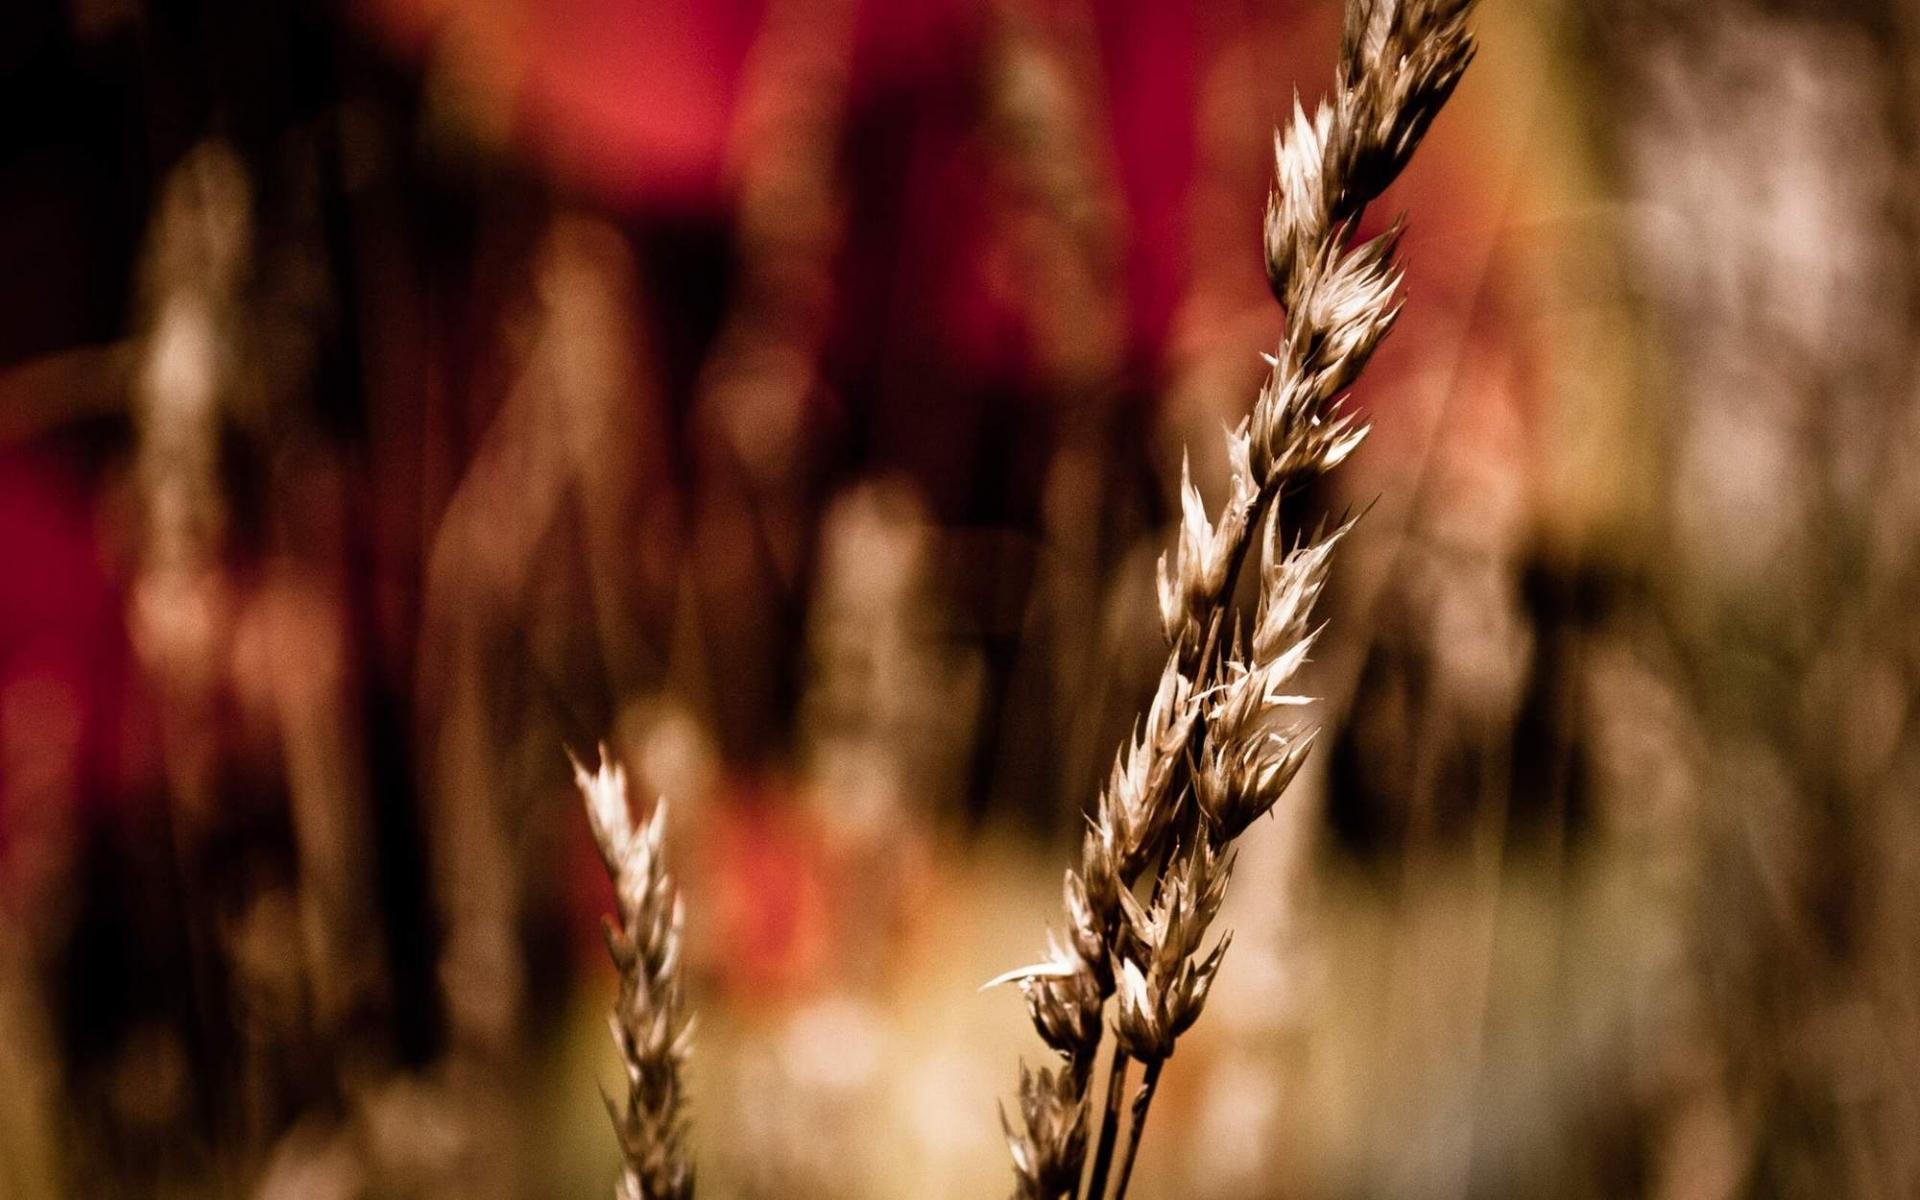 46404 скачать обои Растения, Пшеница - заставки и картинки бесплатно